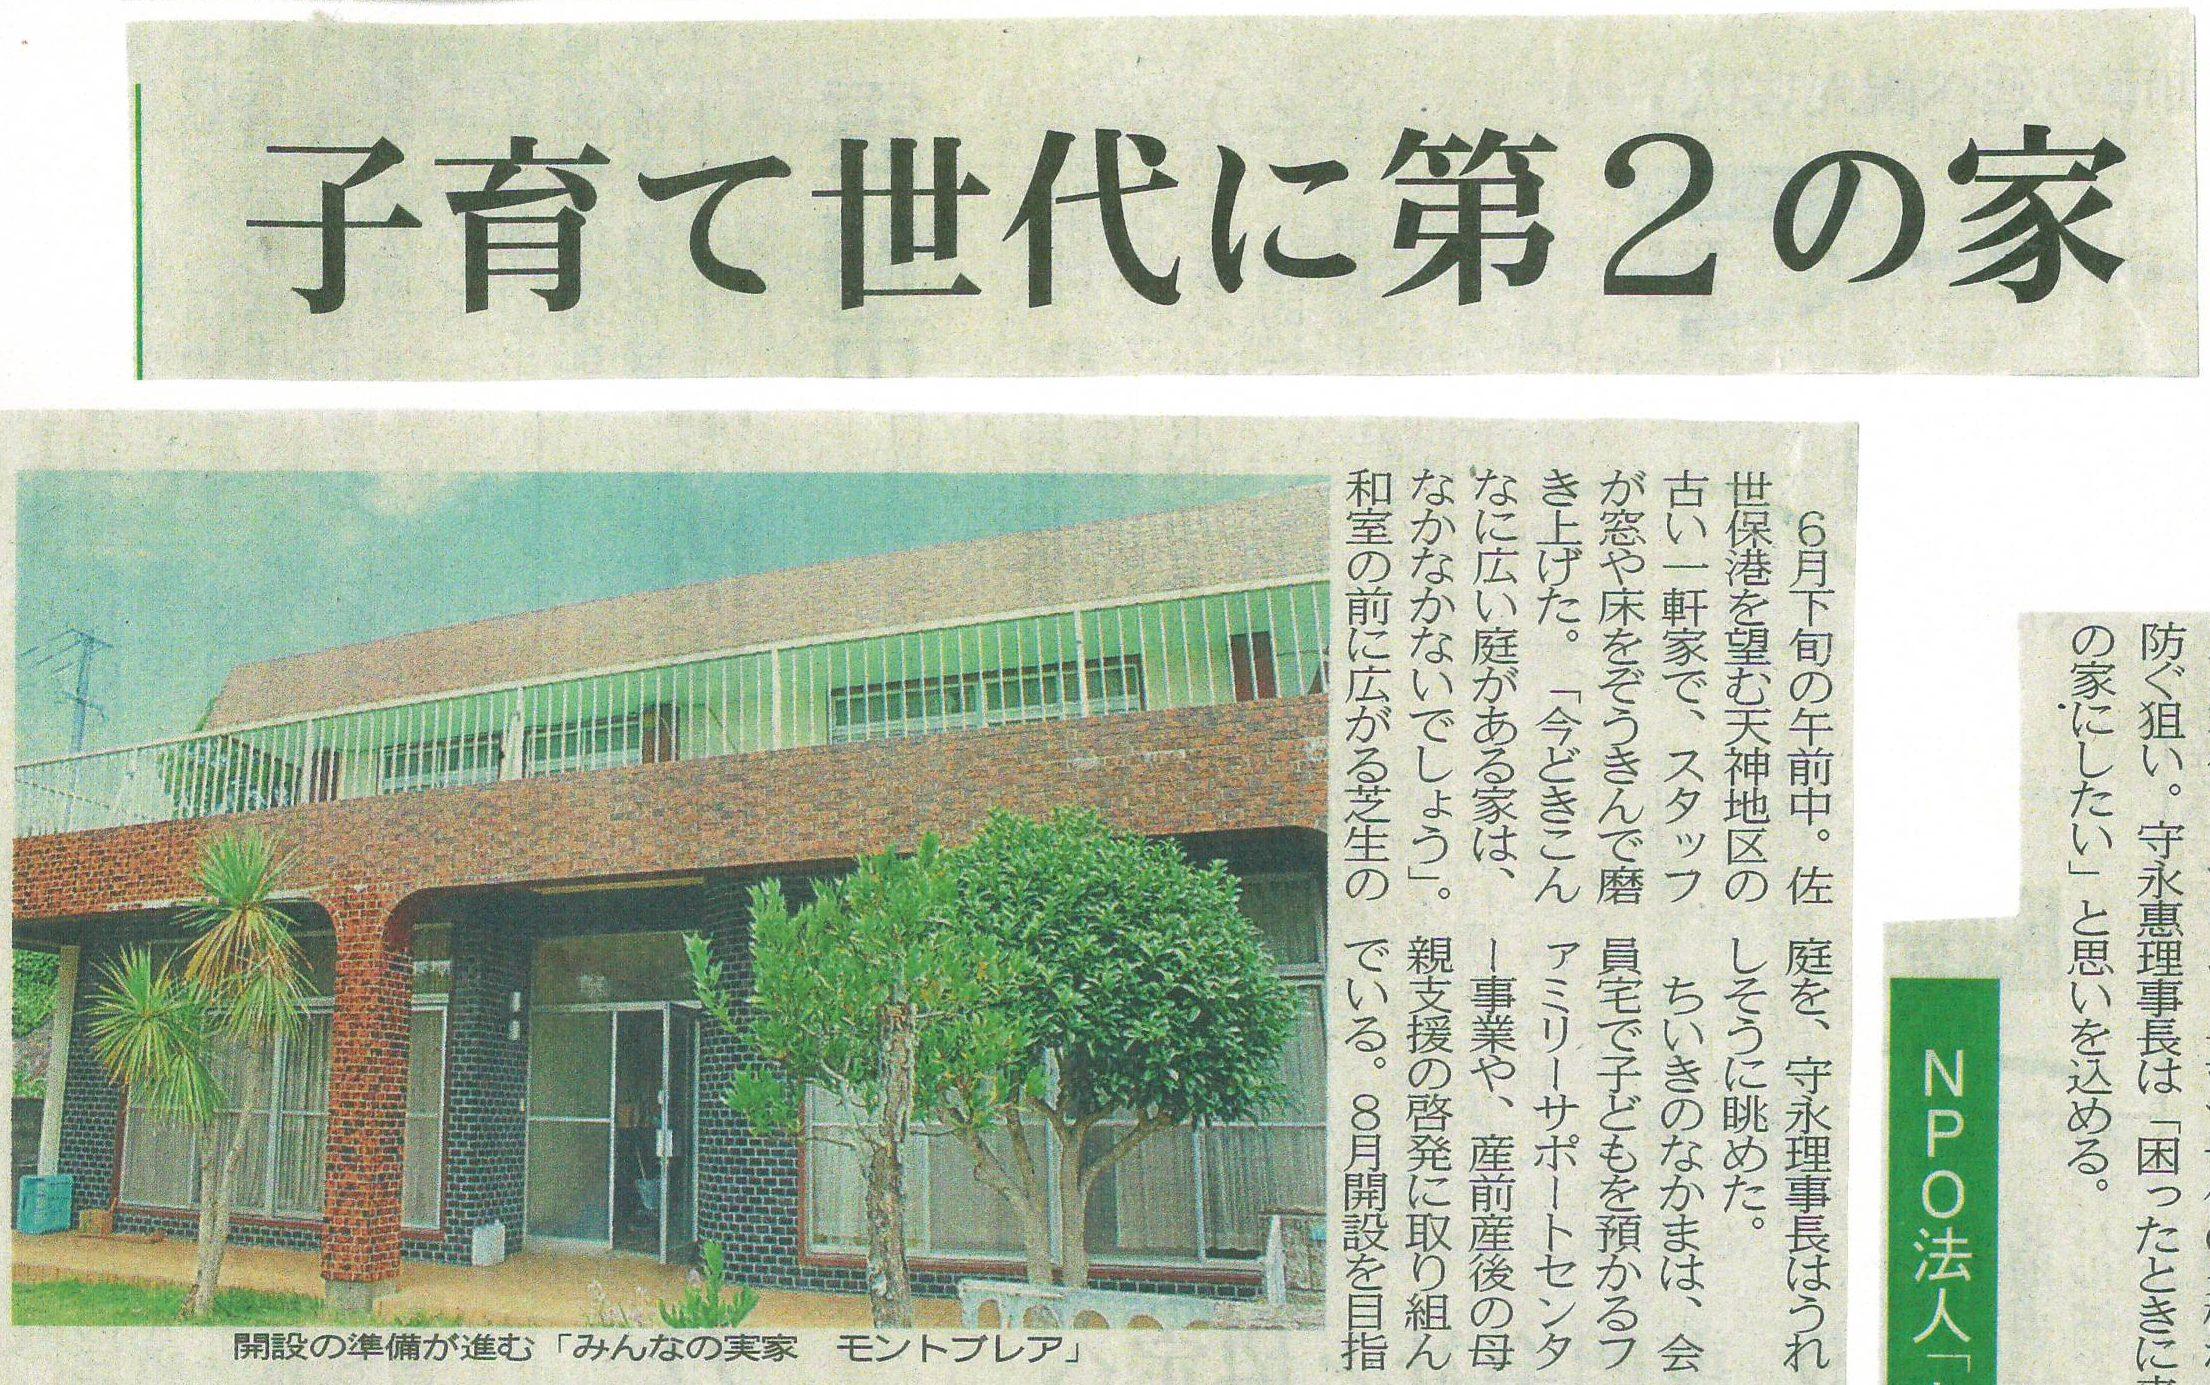 「モントブレア」が長崎新聞に掲載されました!